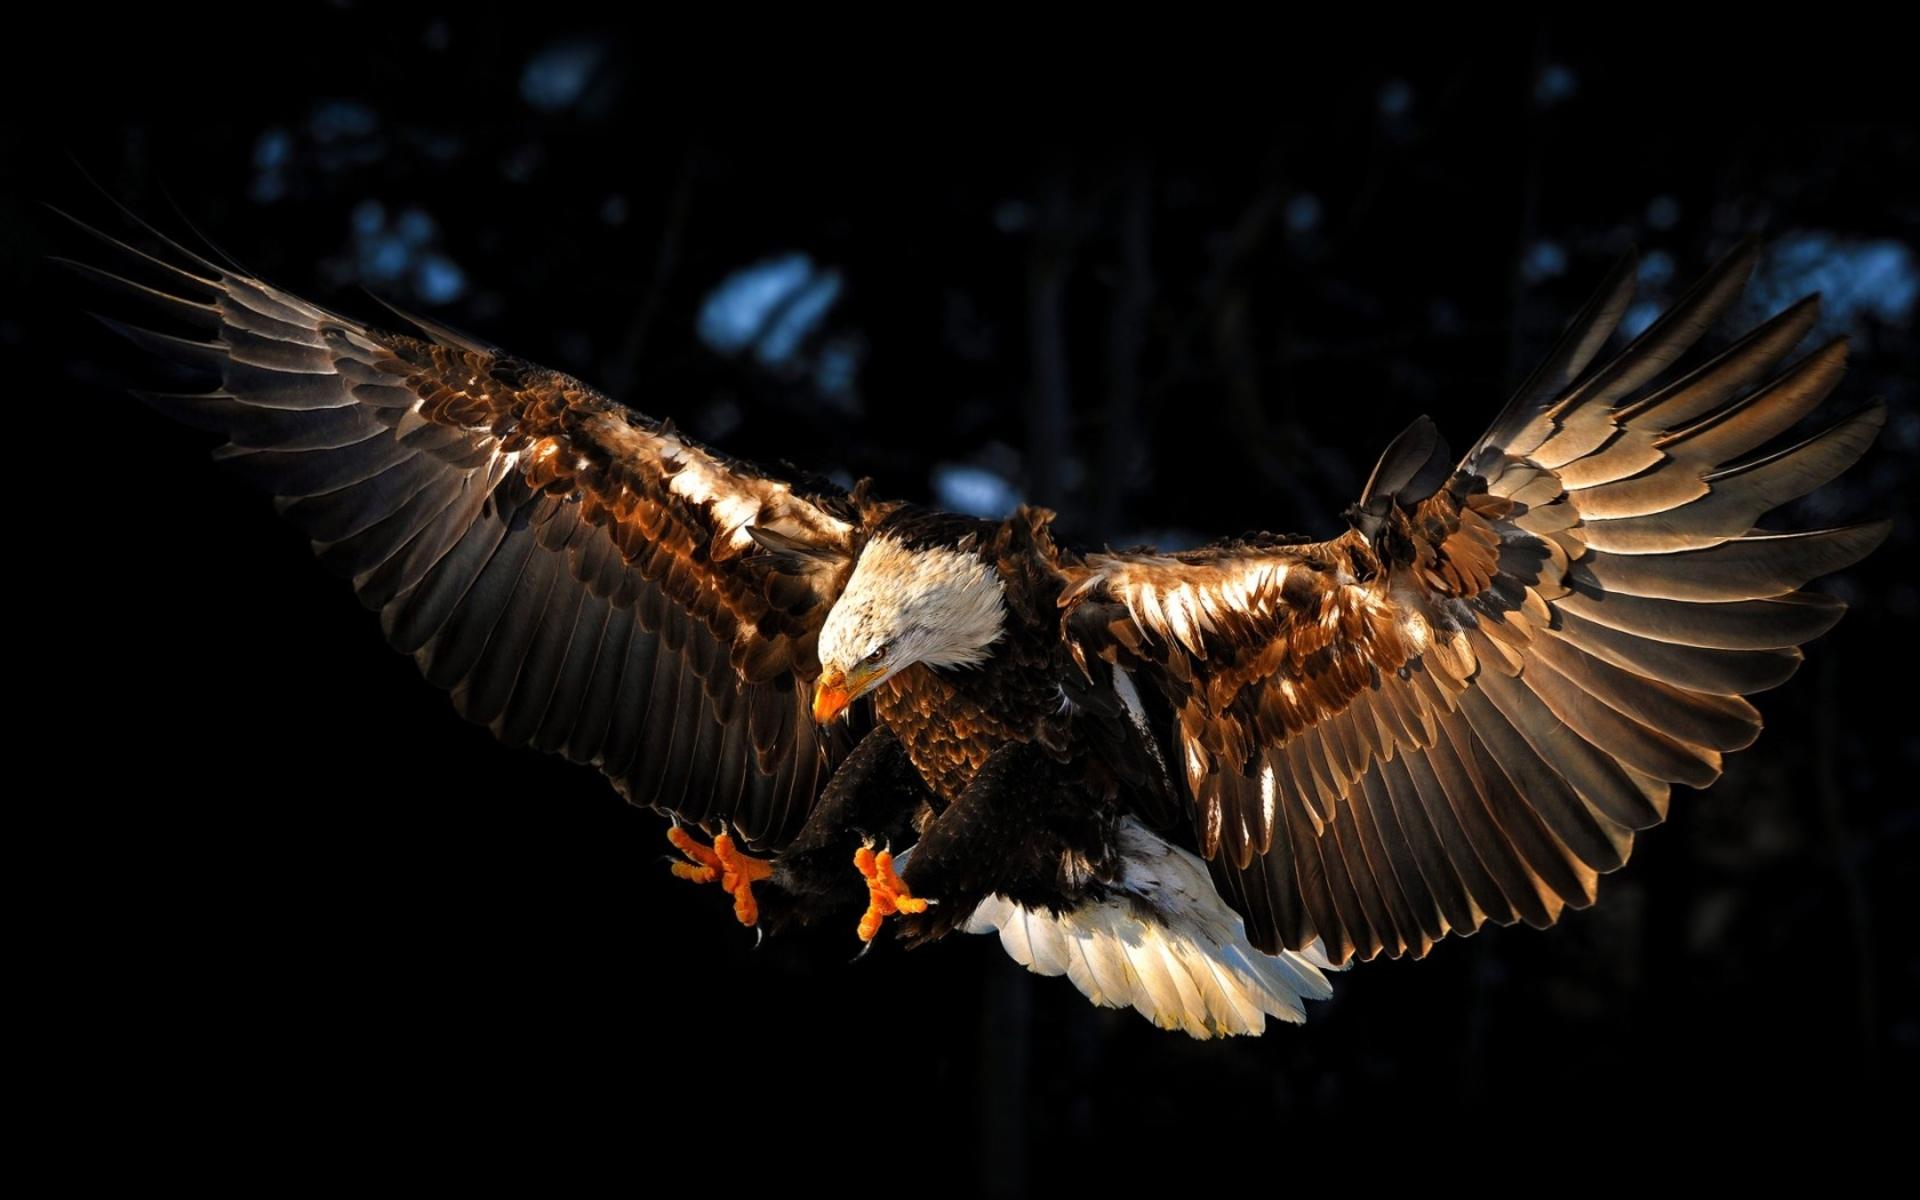 Flying eagle boc uk flying eagle altavistaventures Gallery